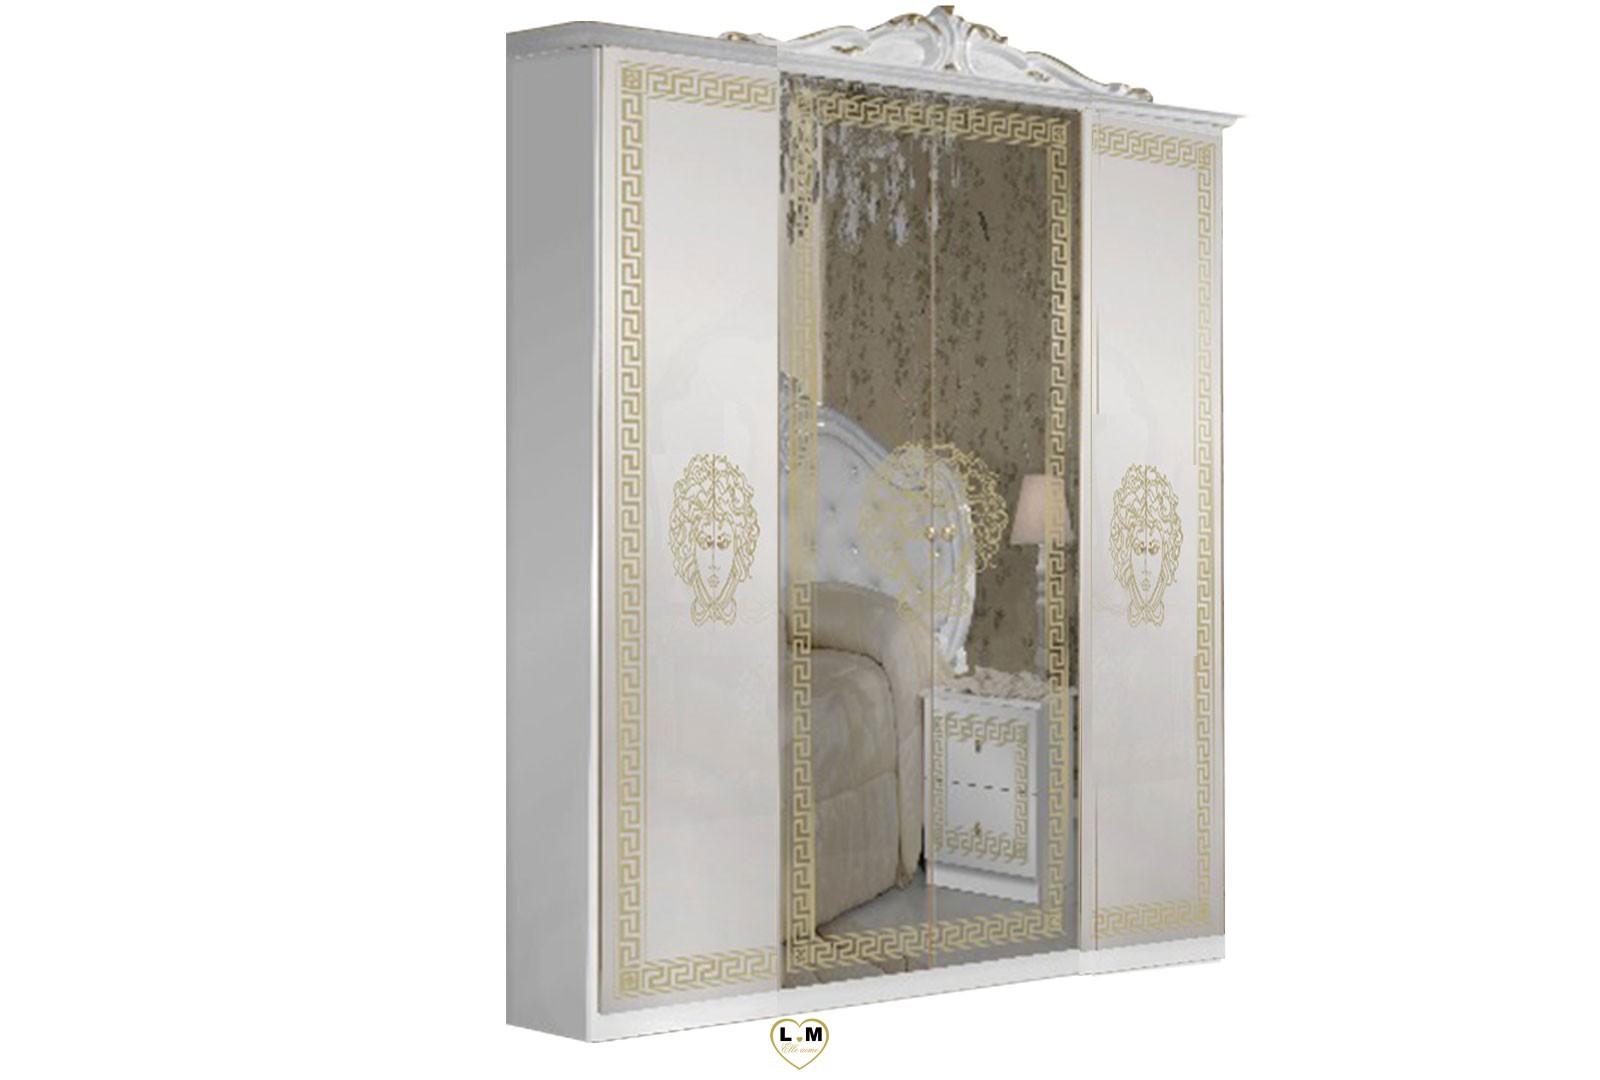 Tanit Laque Blanc Et Dore Chambre A Coucher Baroque L Armoire 4 Portes Lignemeuble Com